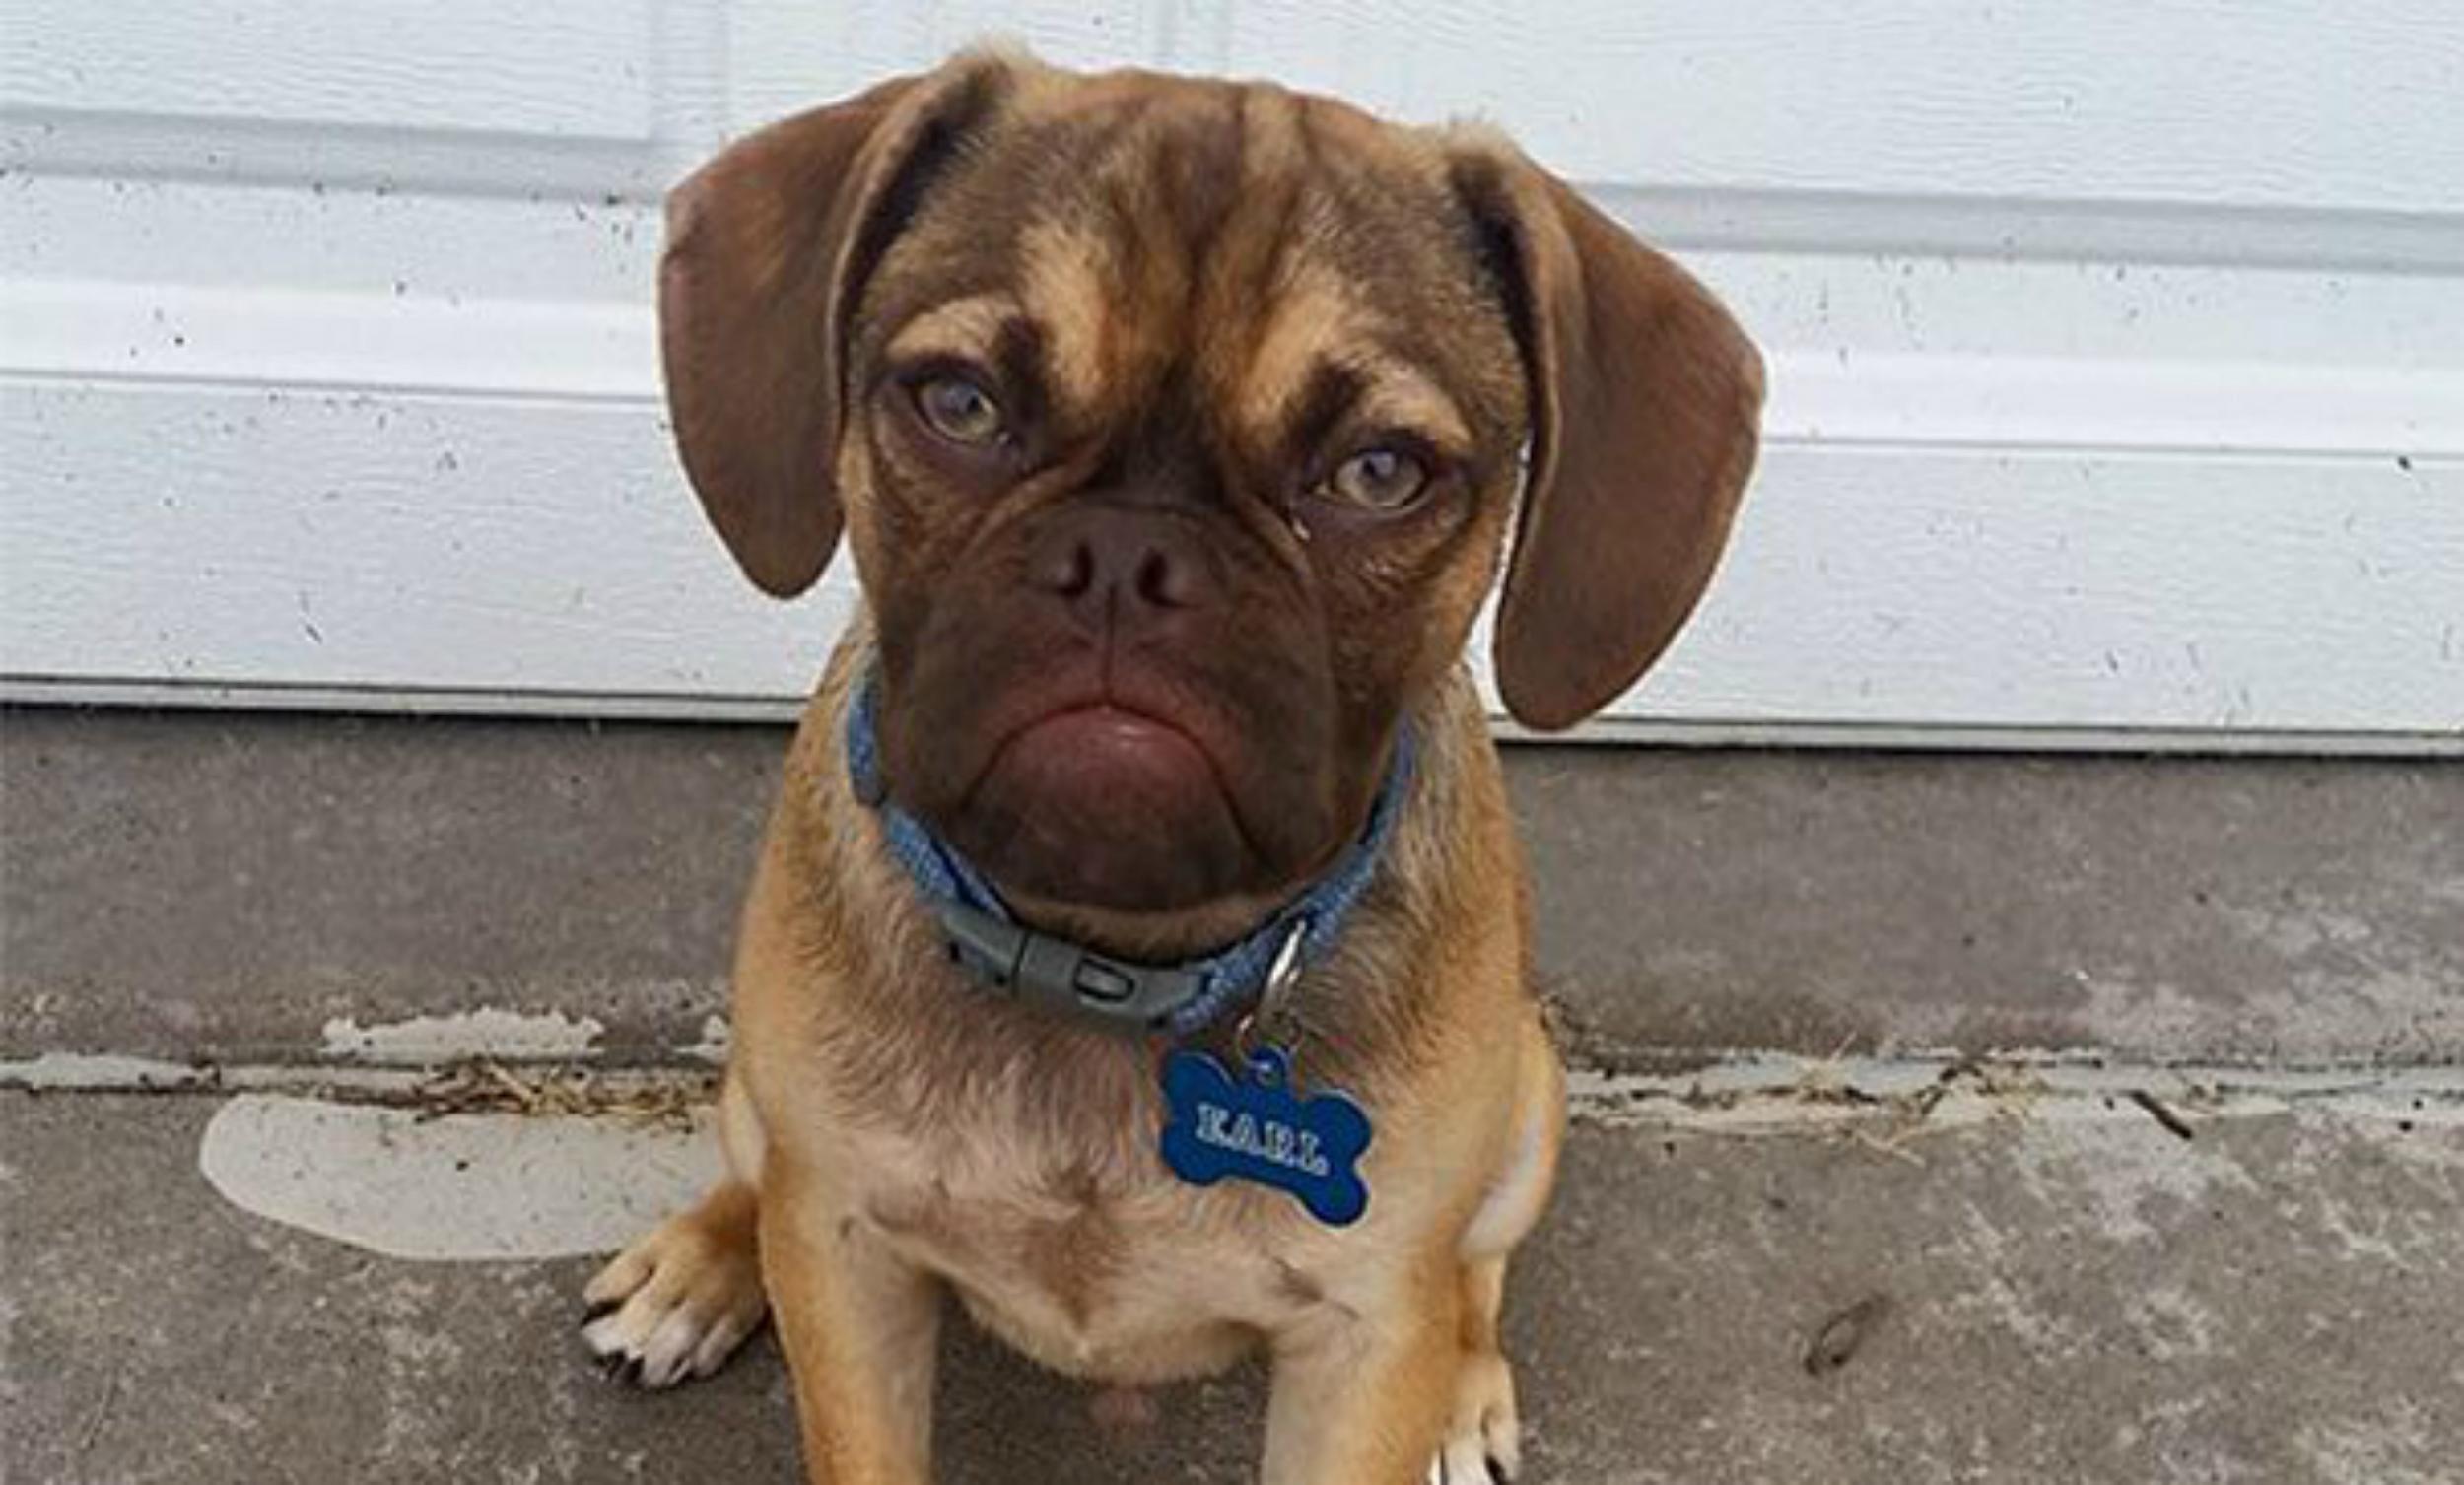 today earl grumpy tease 150801_df7bd099fa02a8c6d624337a5284de68 the new grumpy cat? meet earl the grumpy puppy